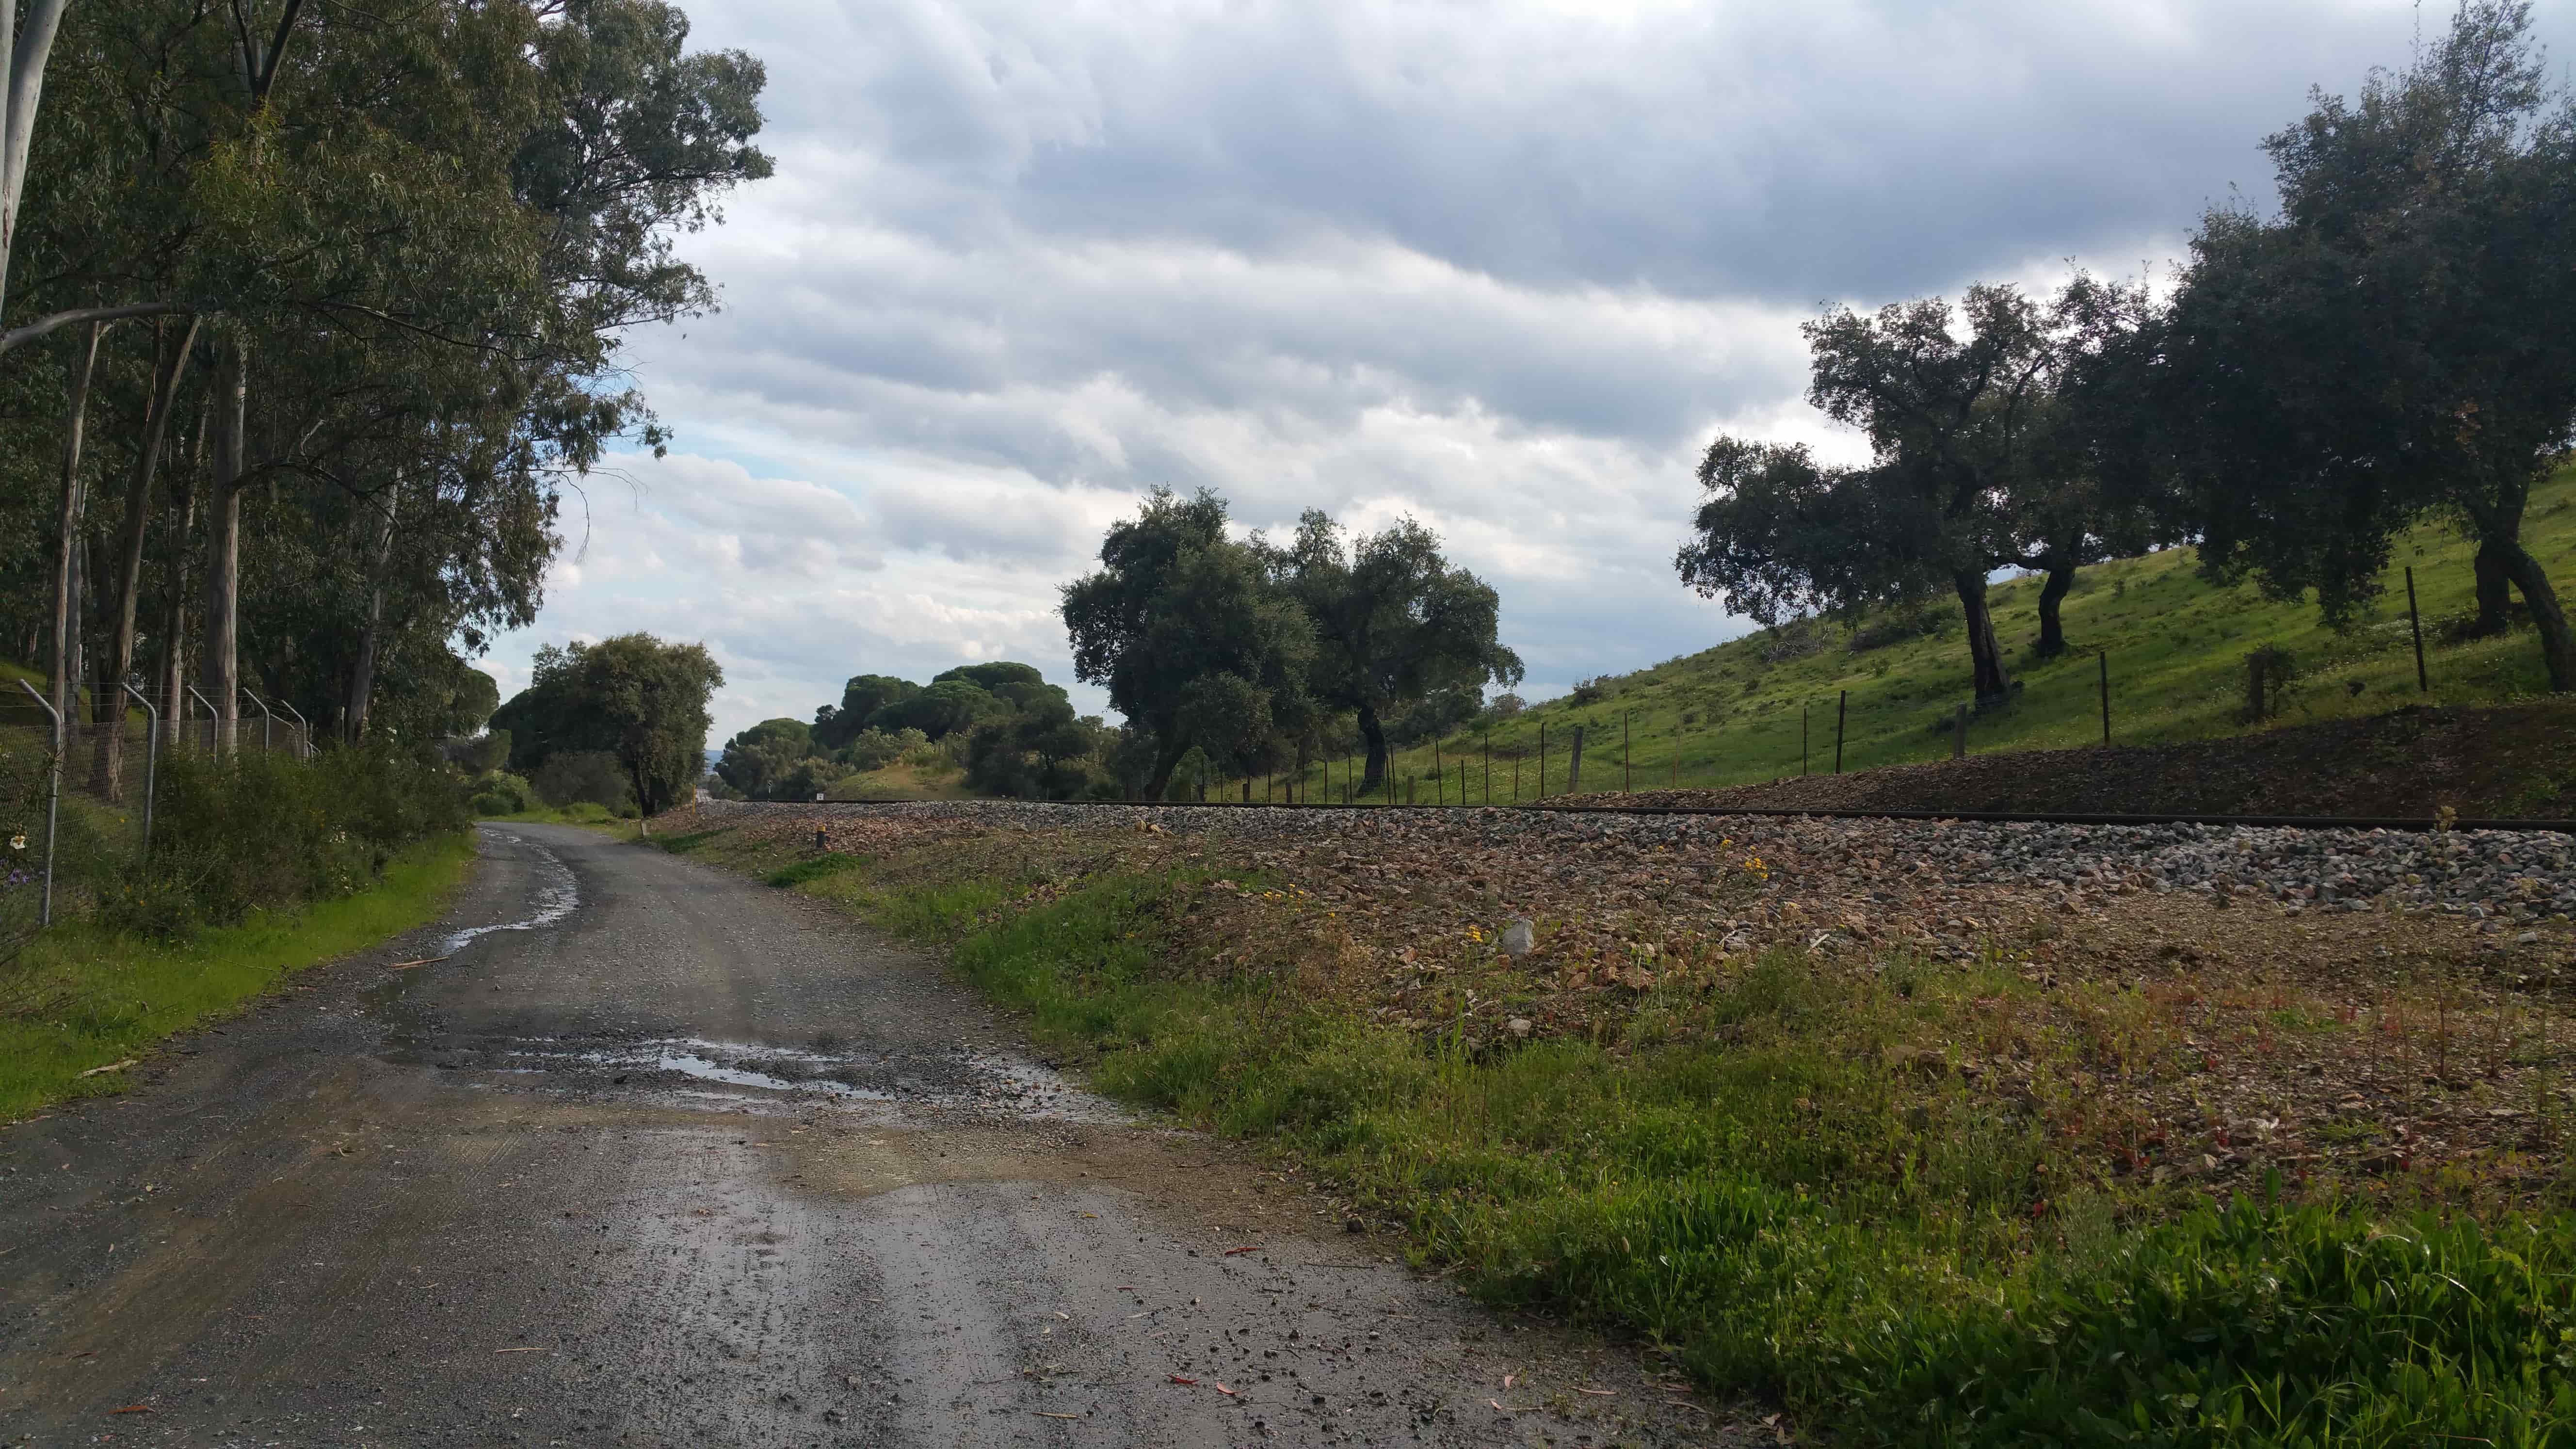 El camino permanece junto a la vía en casi todo su recorrido